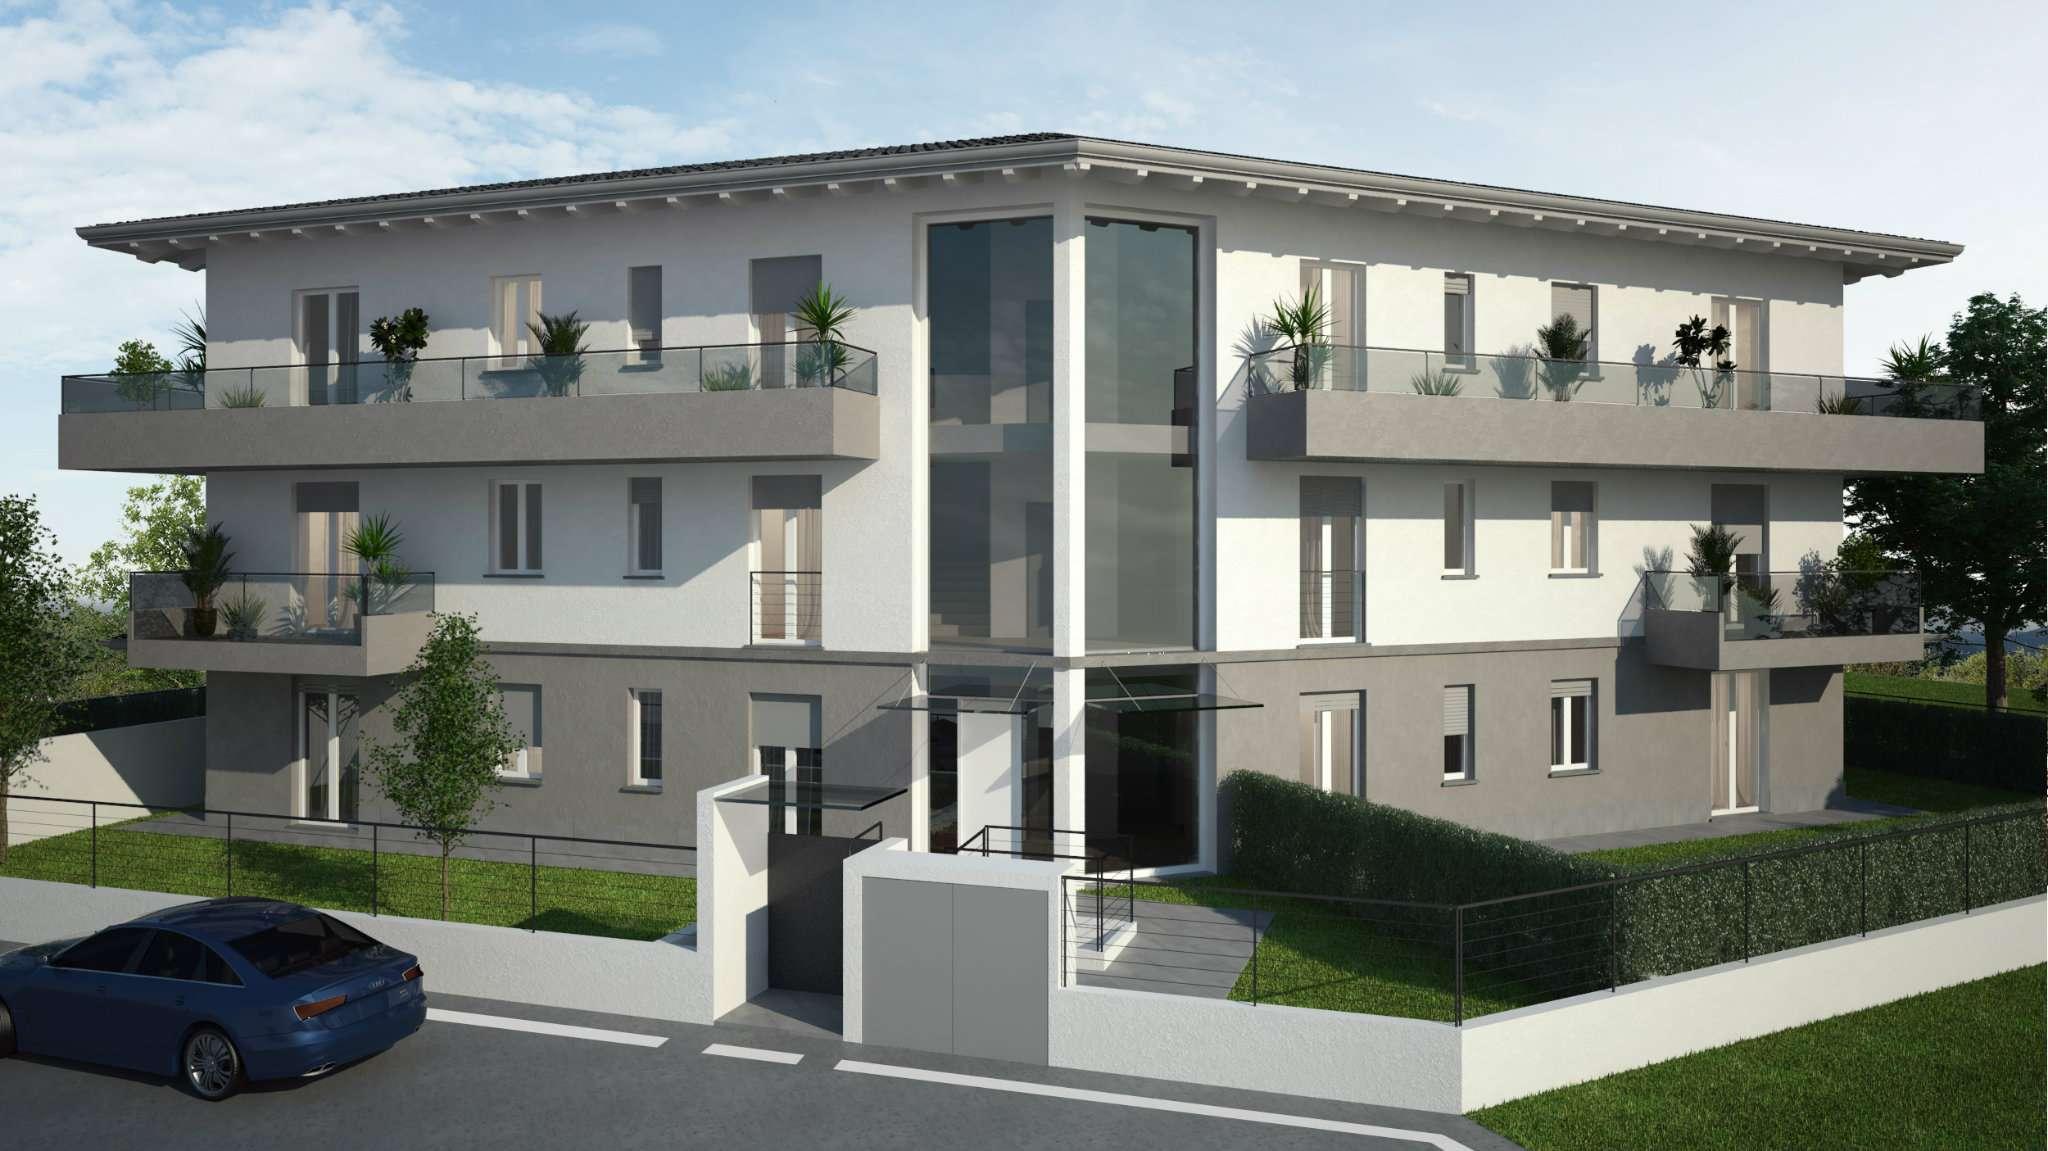 Appartamento in vendita a Caravaggio, 4 locali, prezzo € 235.000   PortaleAgenzieImmobiliari.it